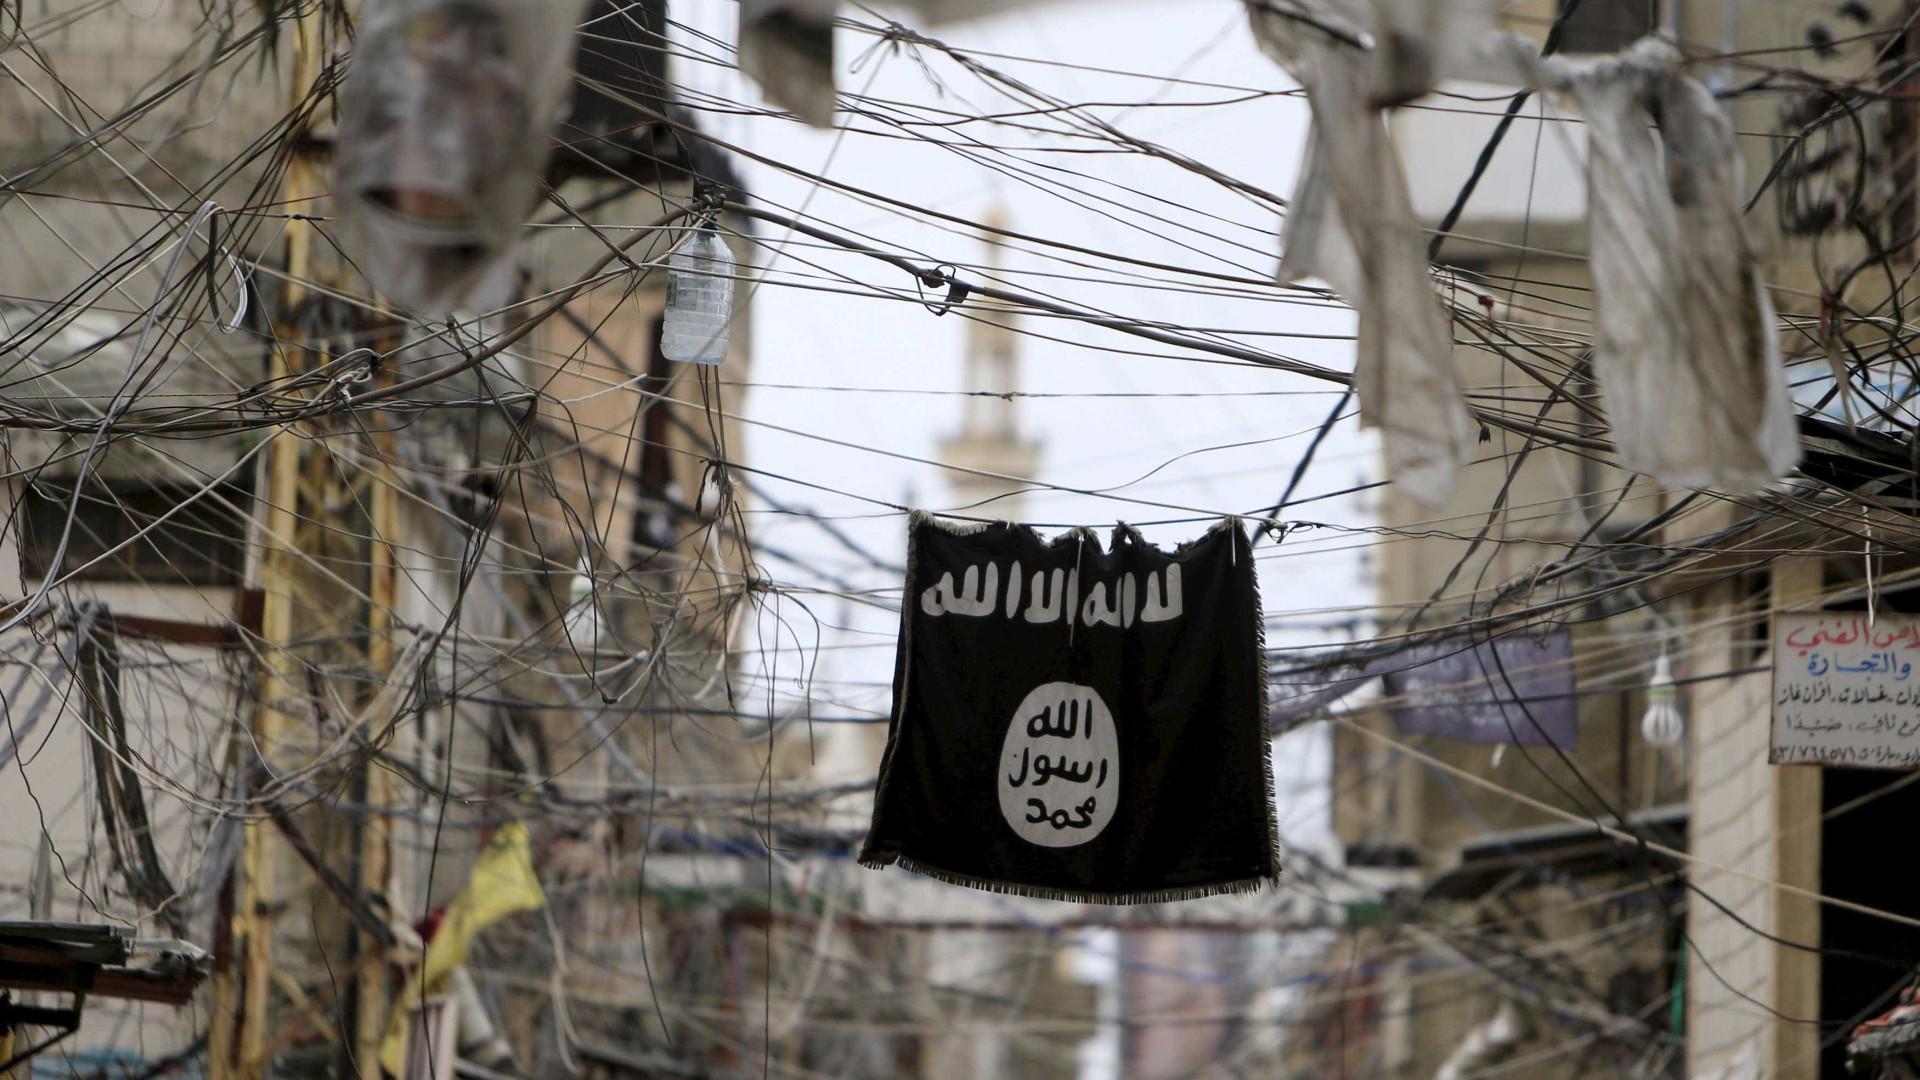 Estado Islâmico reivindica ataque a faca em Paris